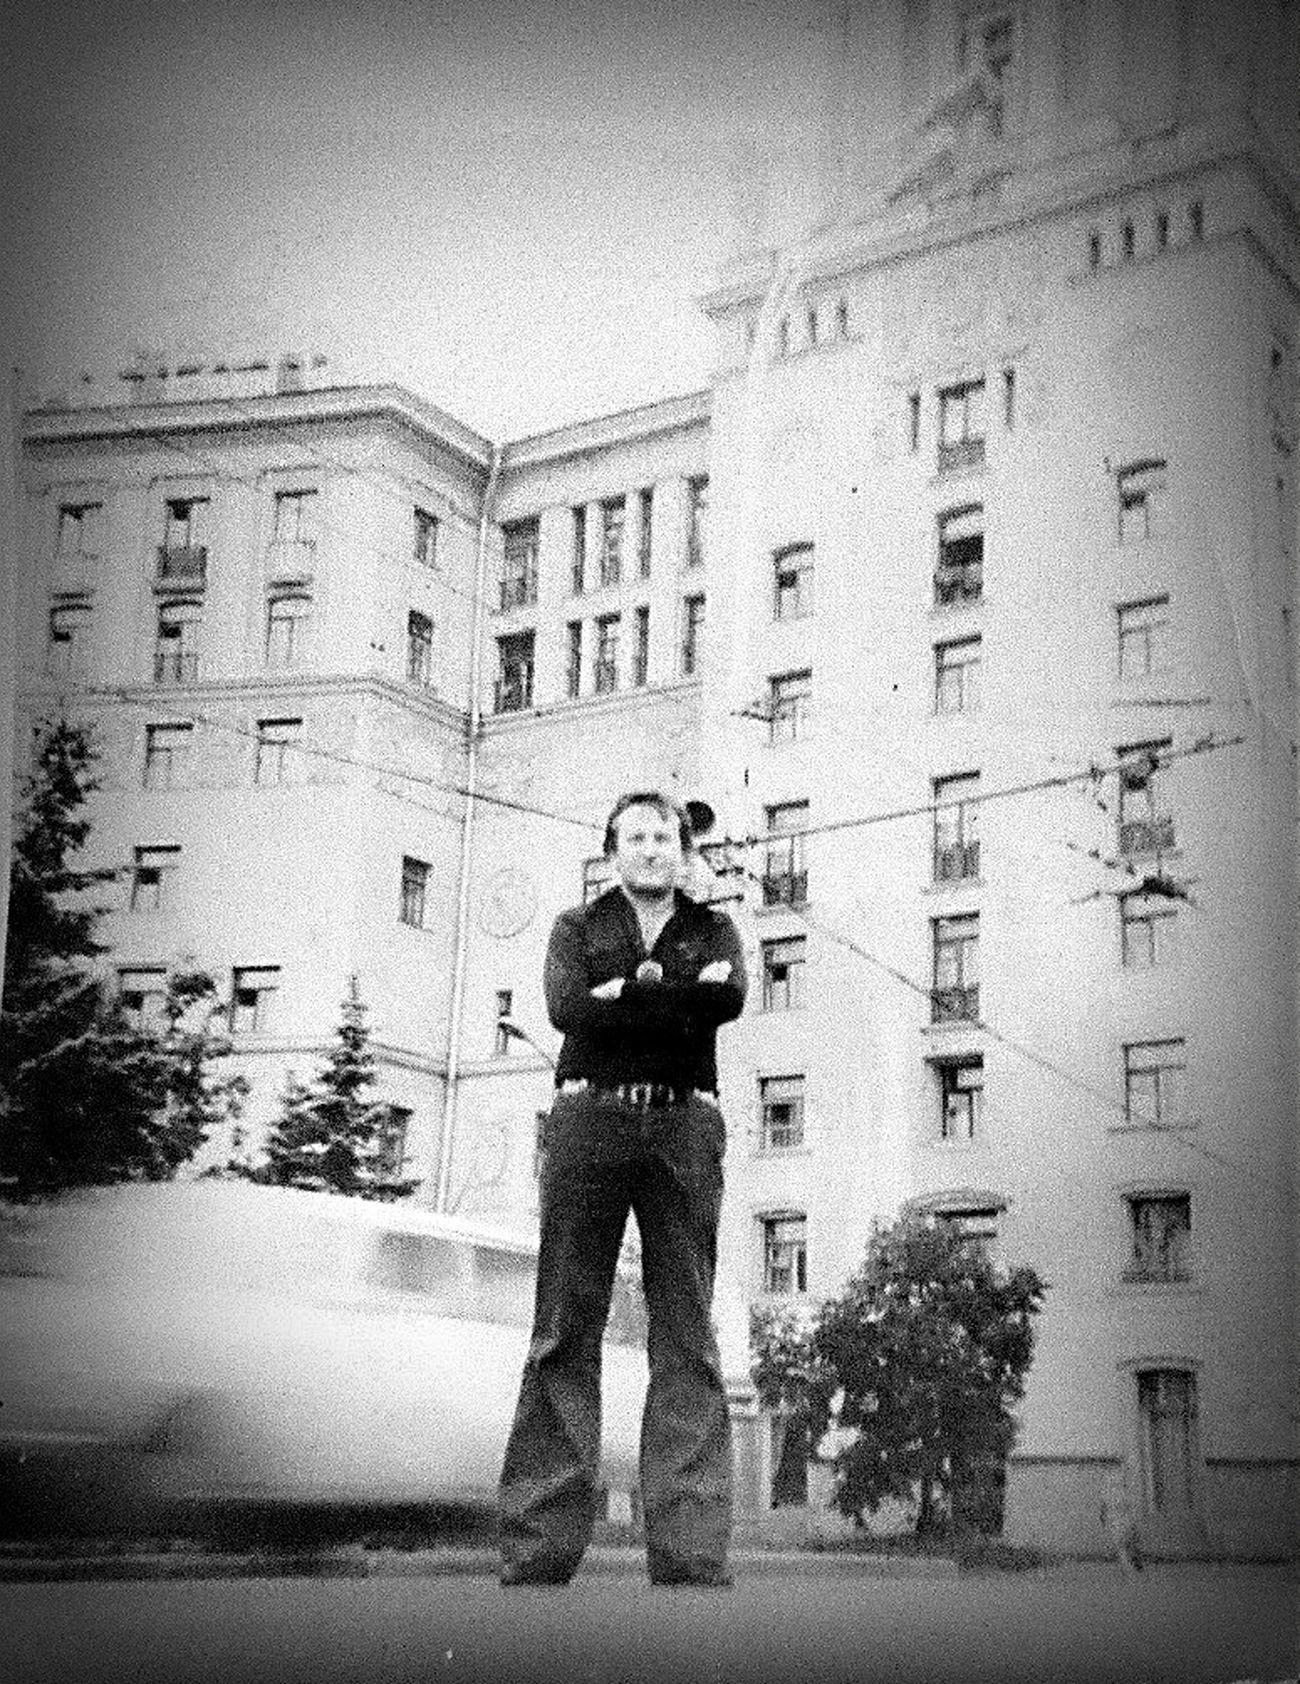 Москва улицымосквы ЛенинскийПроспект роднойдом Moscow